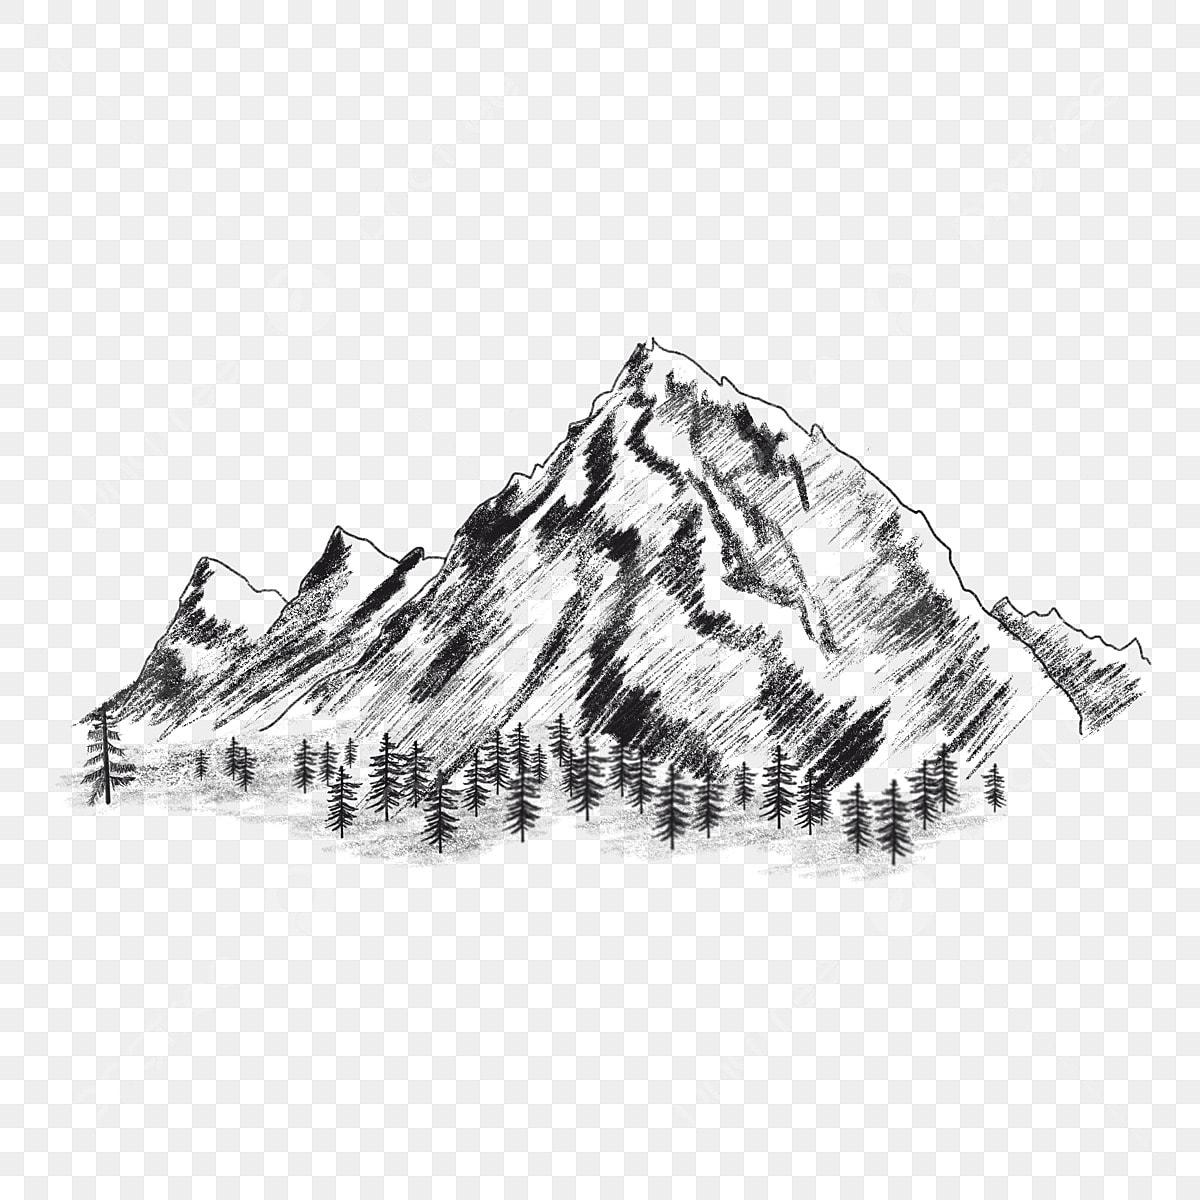 Gambar Sketsa Lukisan Pemandangan Gunung Hitam Putih White, Sketsa ...